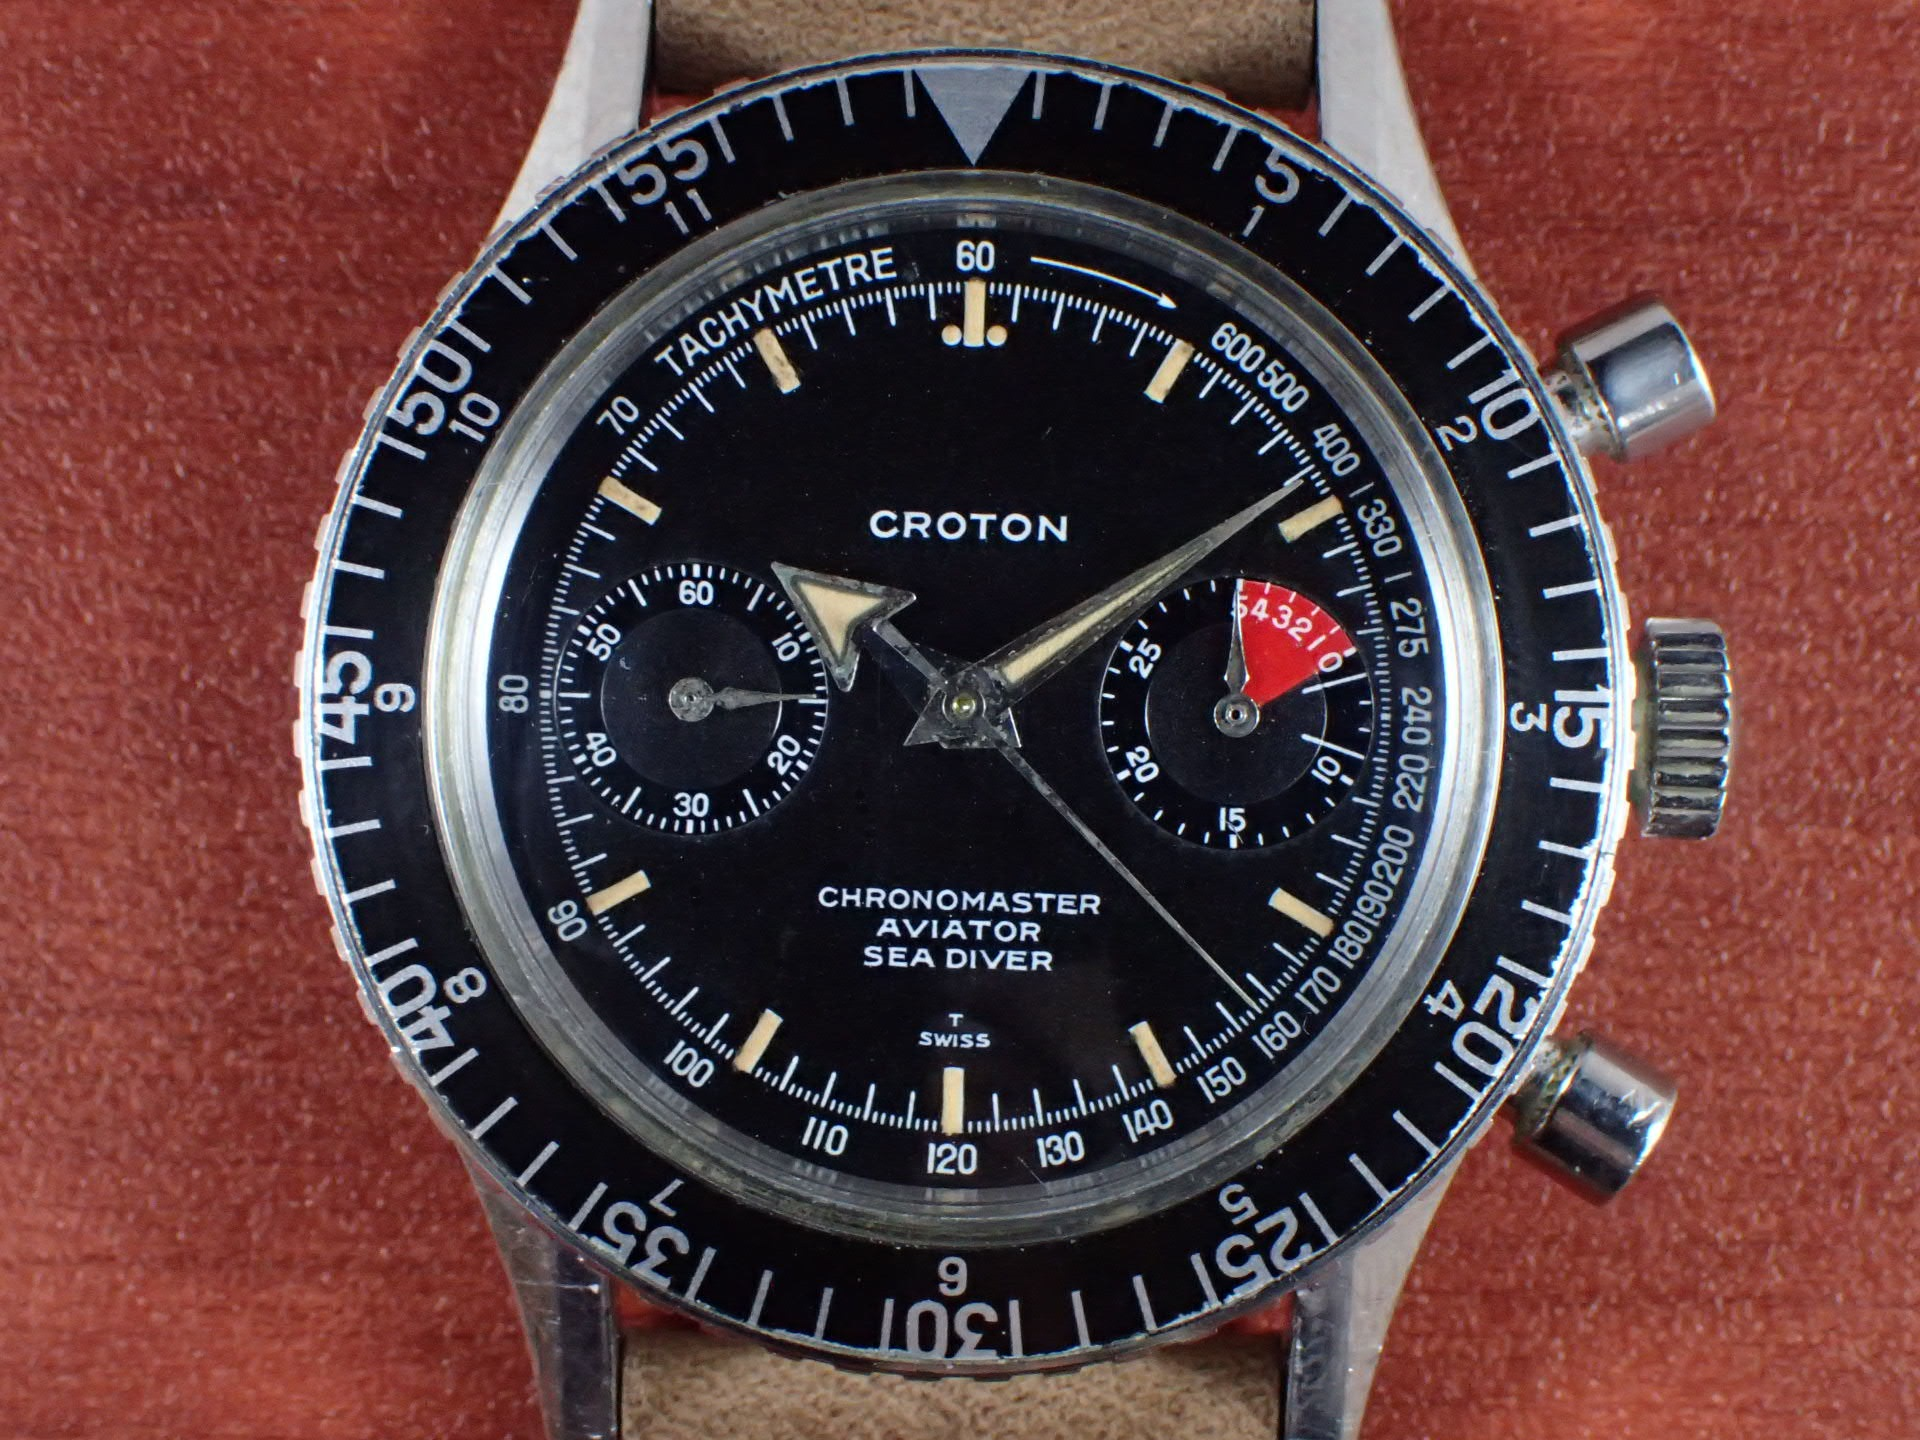 クロトン クロノマスター シーダイバー クロノグラフ バルジュー23 1960年代の写真2枚目